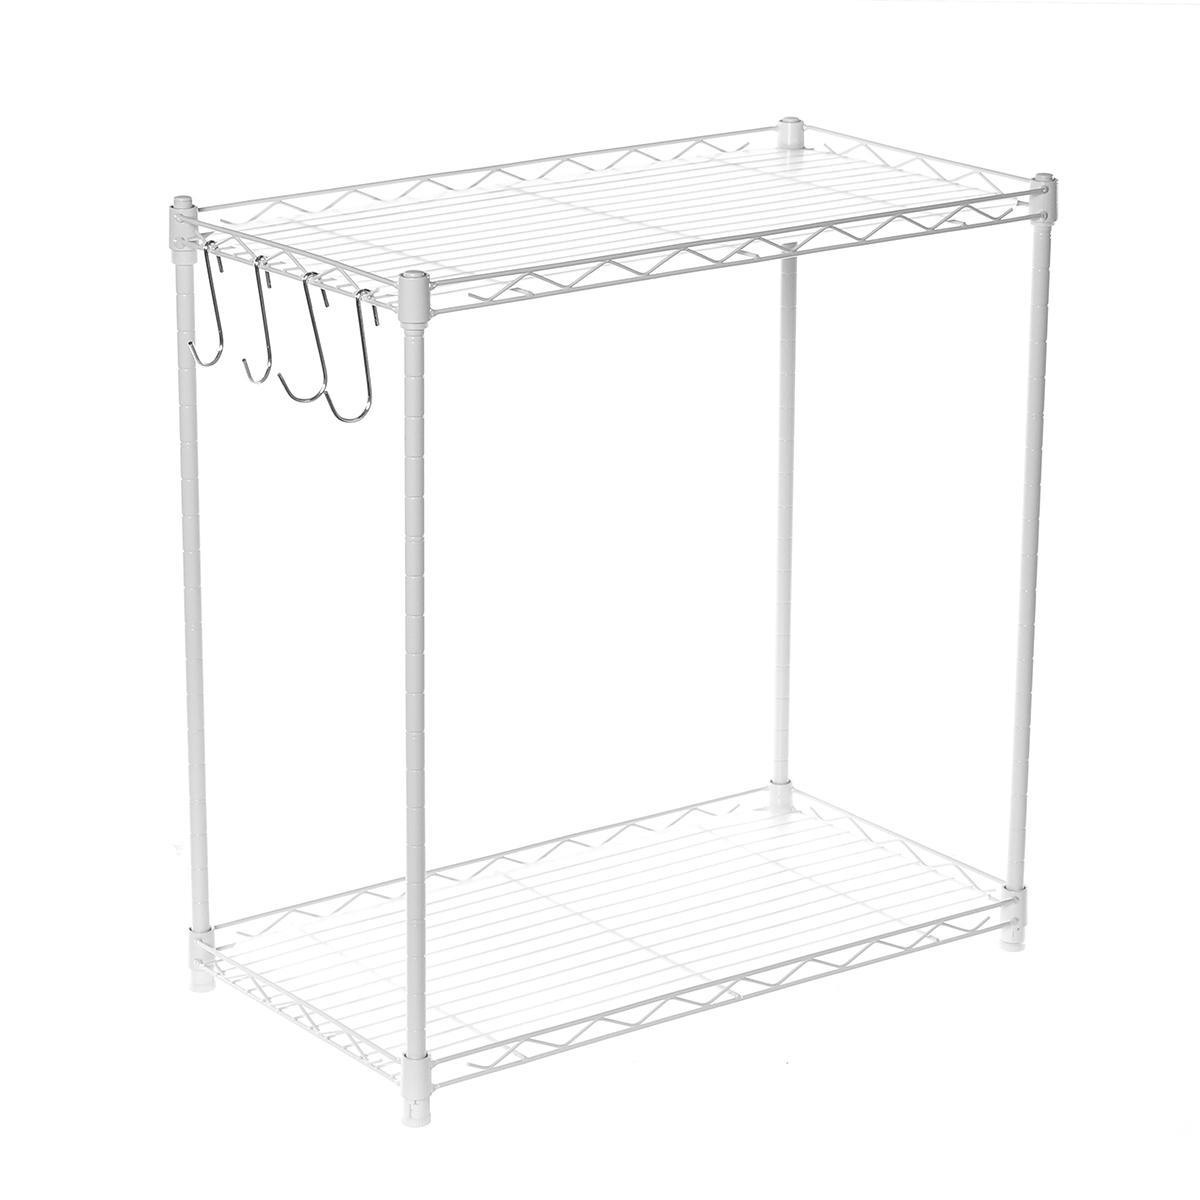 2 tier adjustable steel wire shelving unit metal rack home